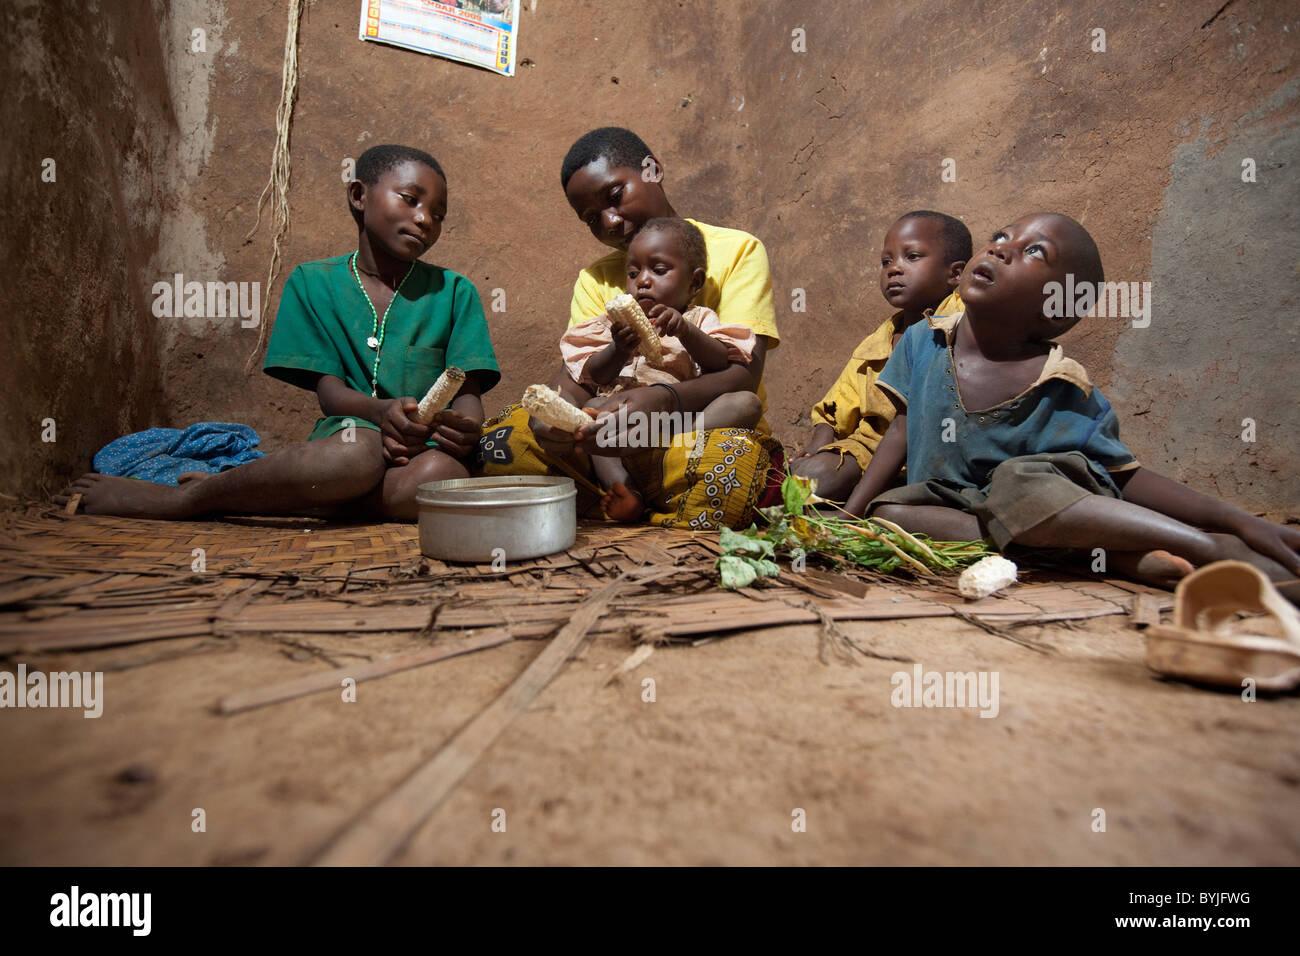 Una famiglia condivide un pasto insieme nella loro casa di fango in Masaka, Uganda, Africa orientale. Immagini Stock